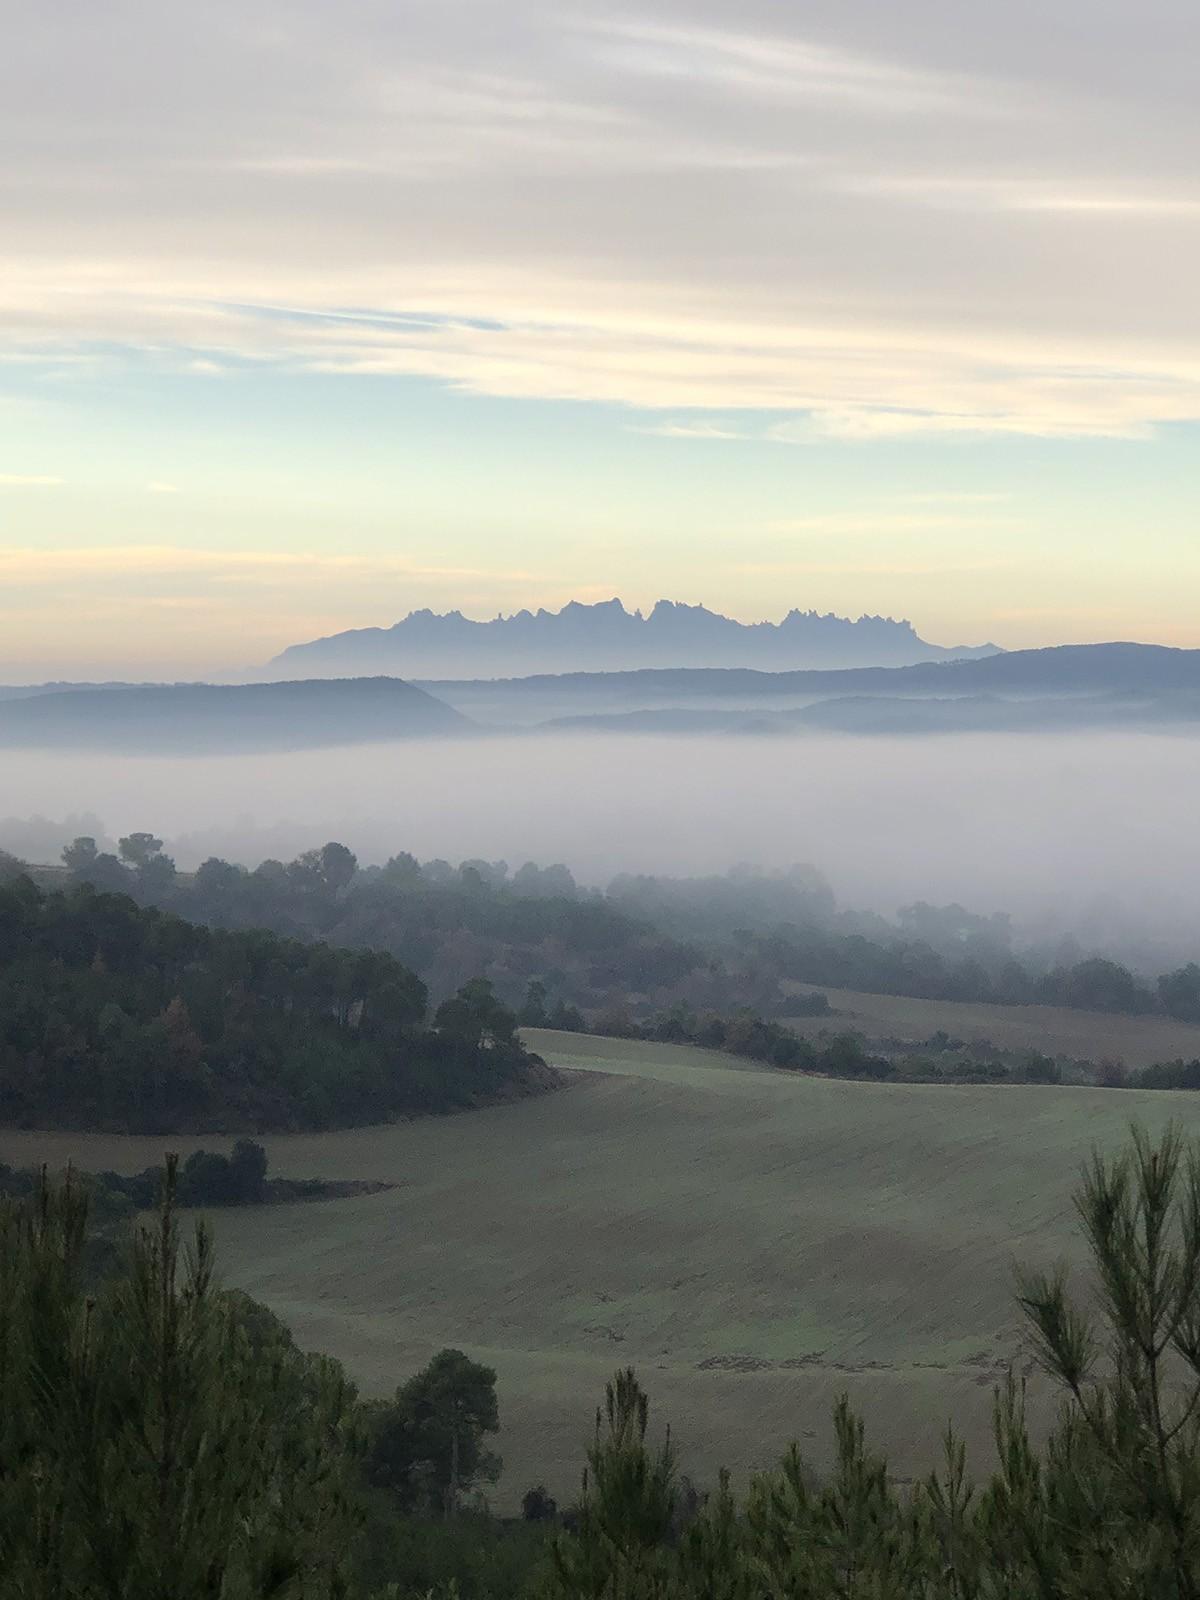 Un paisatge fals (fake) o real de Montserrat?